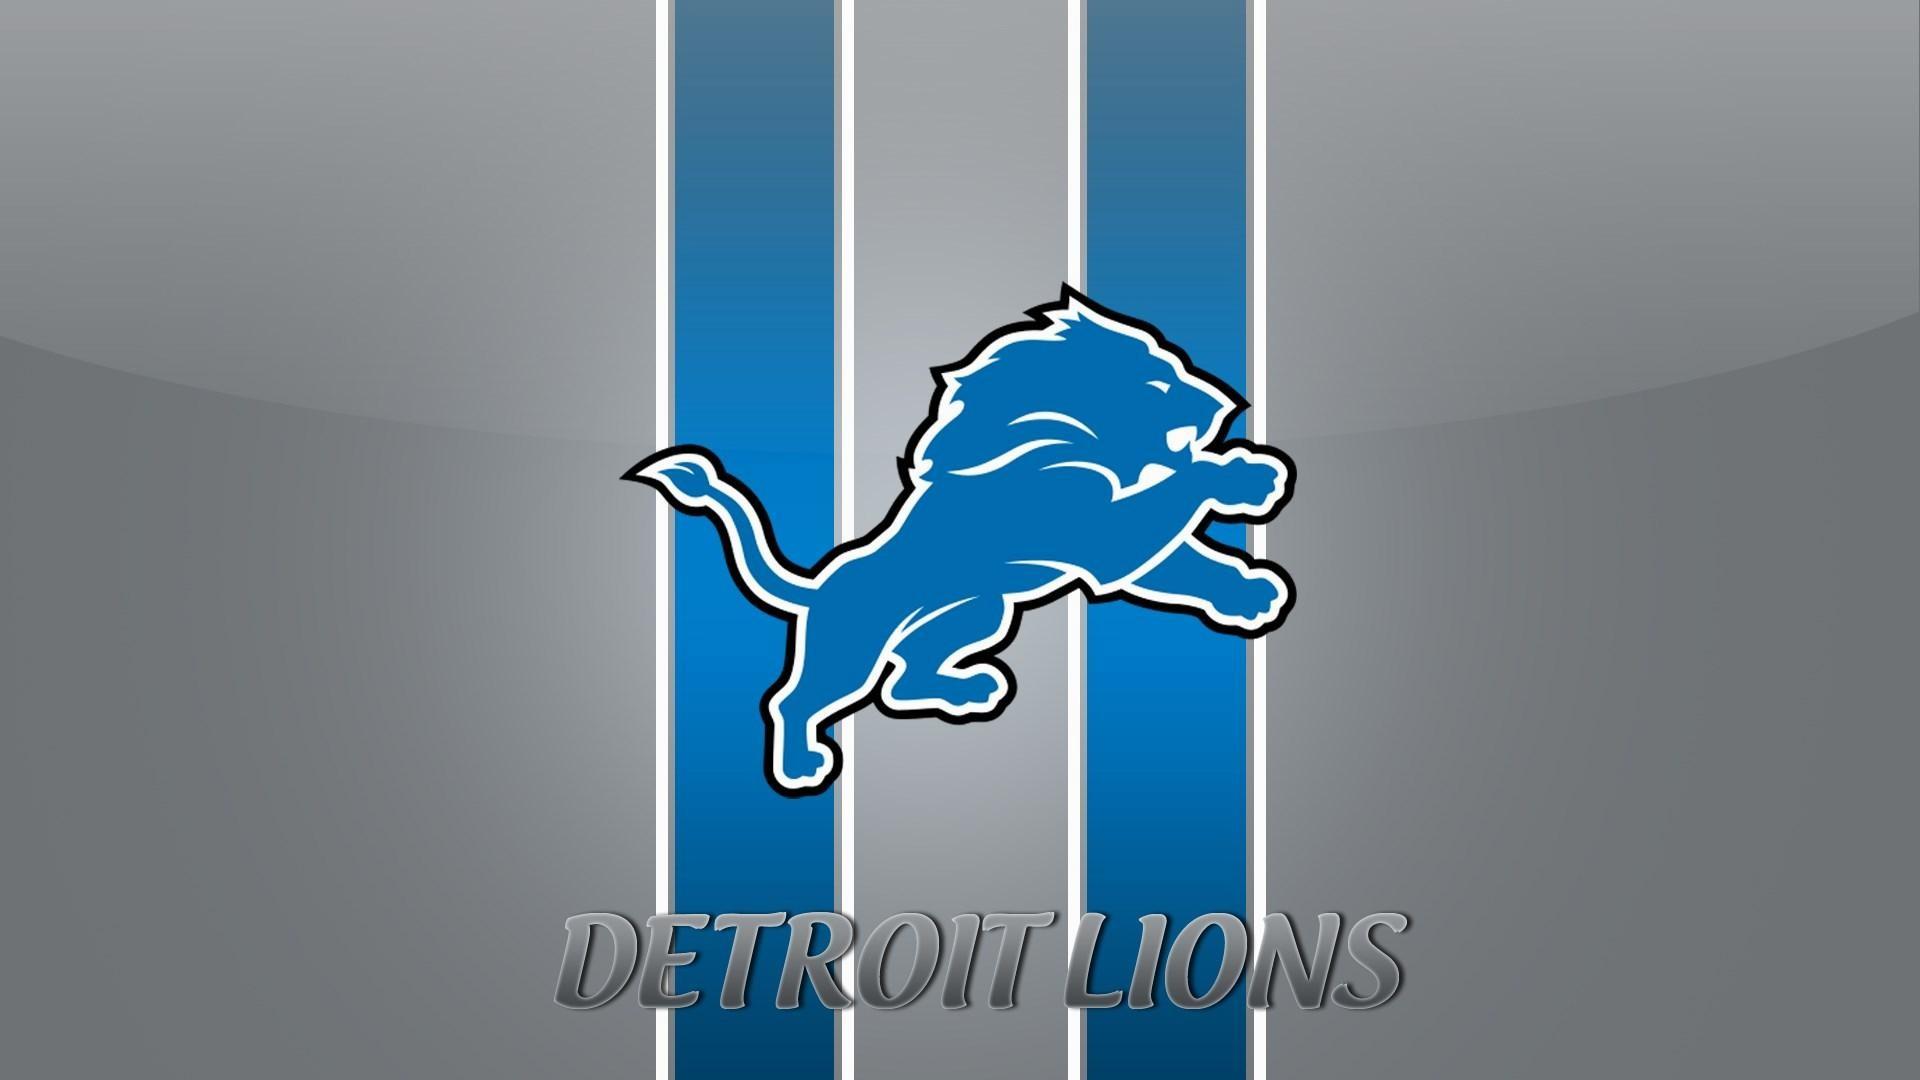 detroit-lions-hd-pack-1920-x-1080-kB-